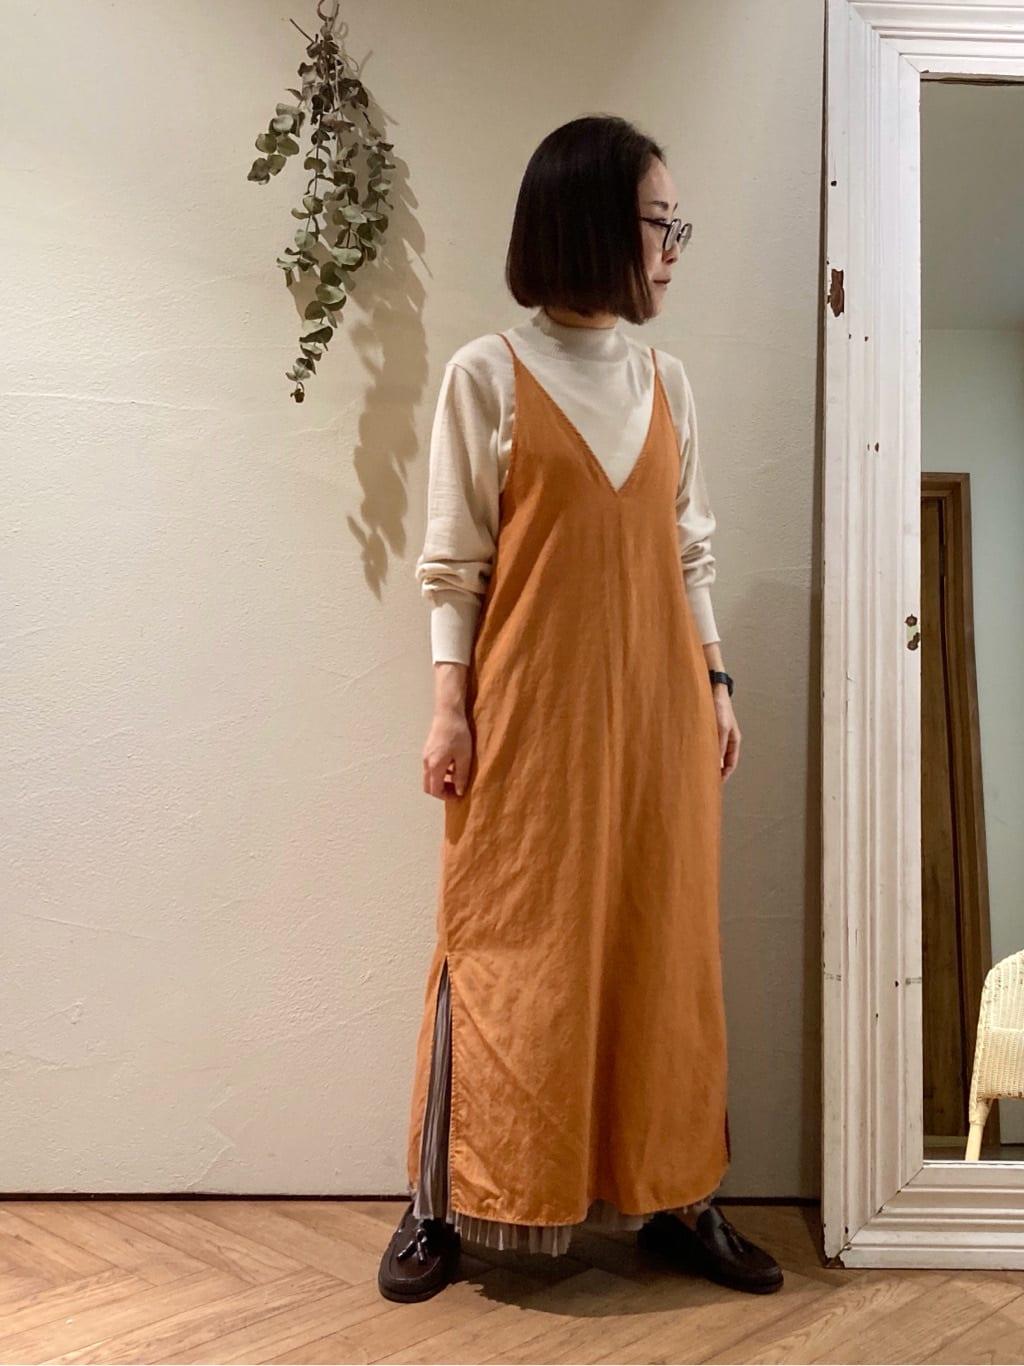 yuni 京都路面 身長:152cm 2021.10.14